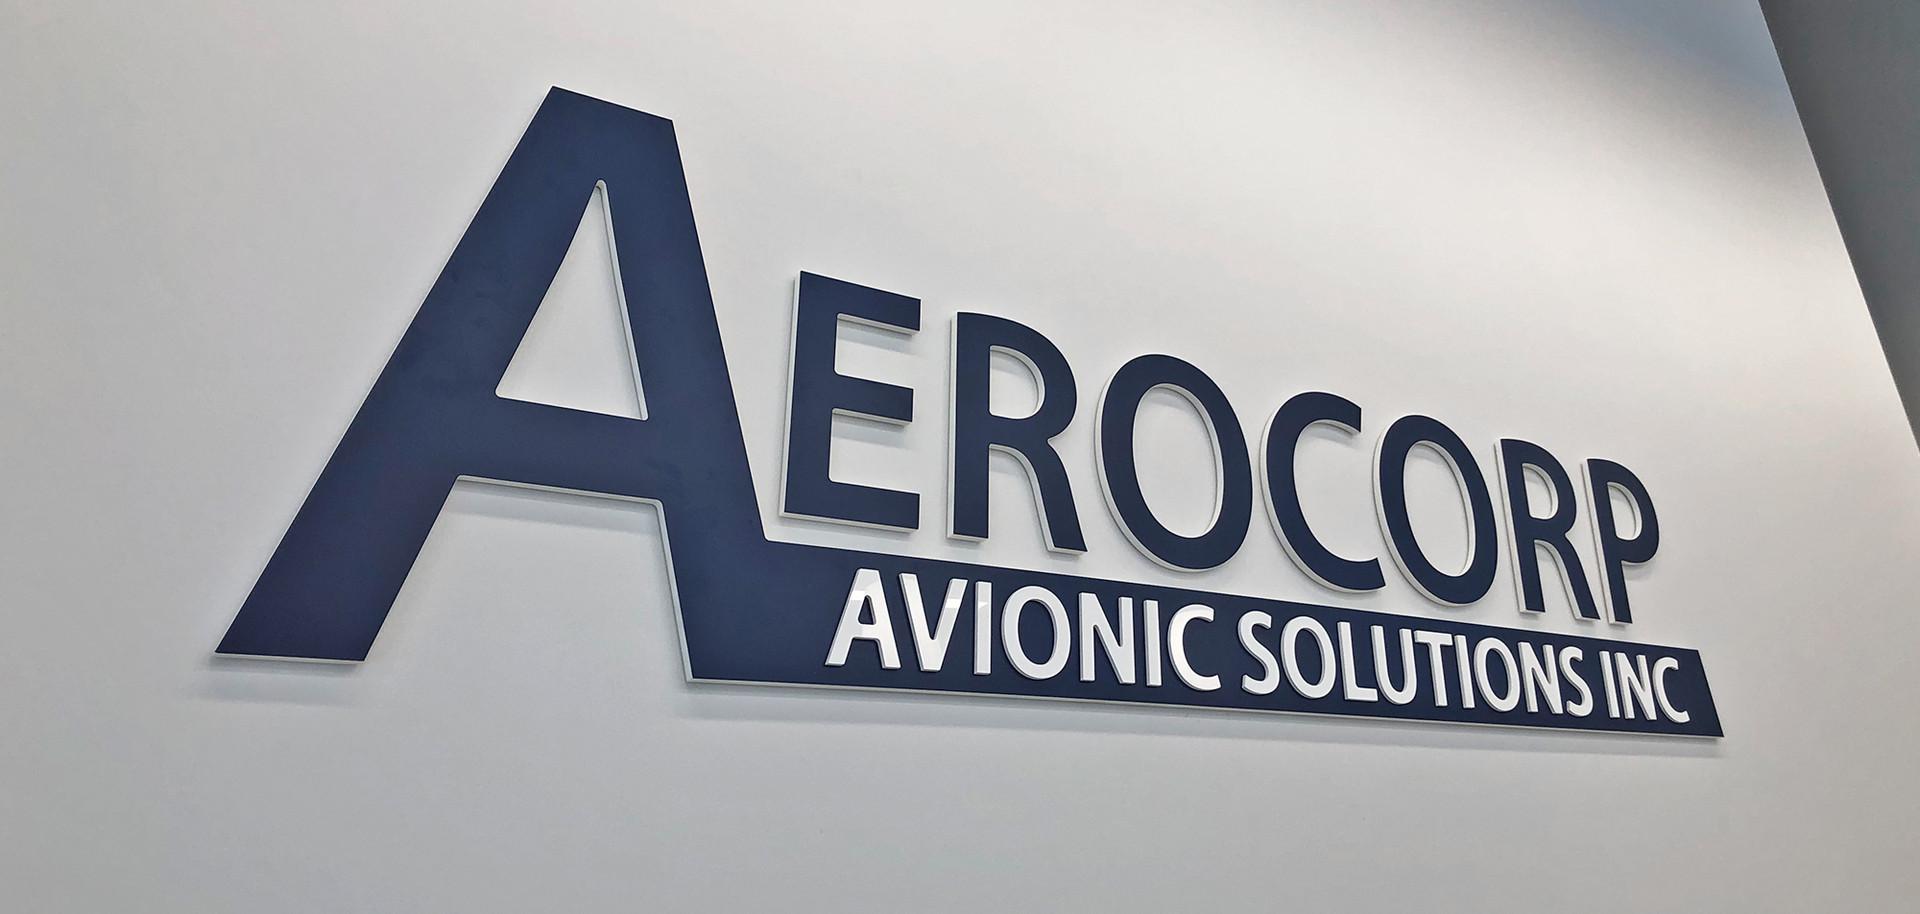 Aerocorp9-2000x1000.jpg